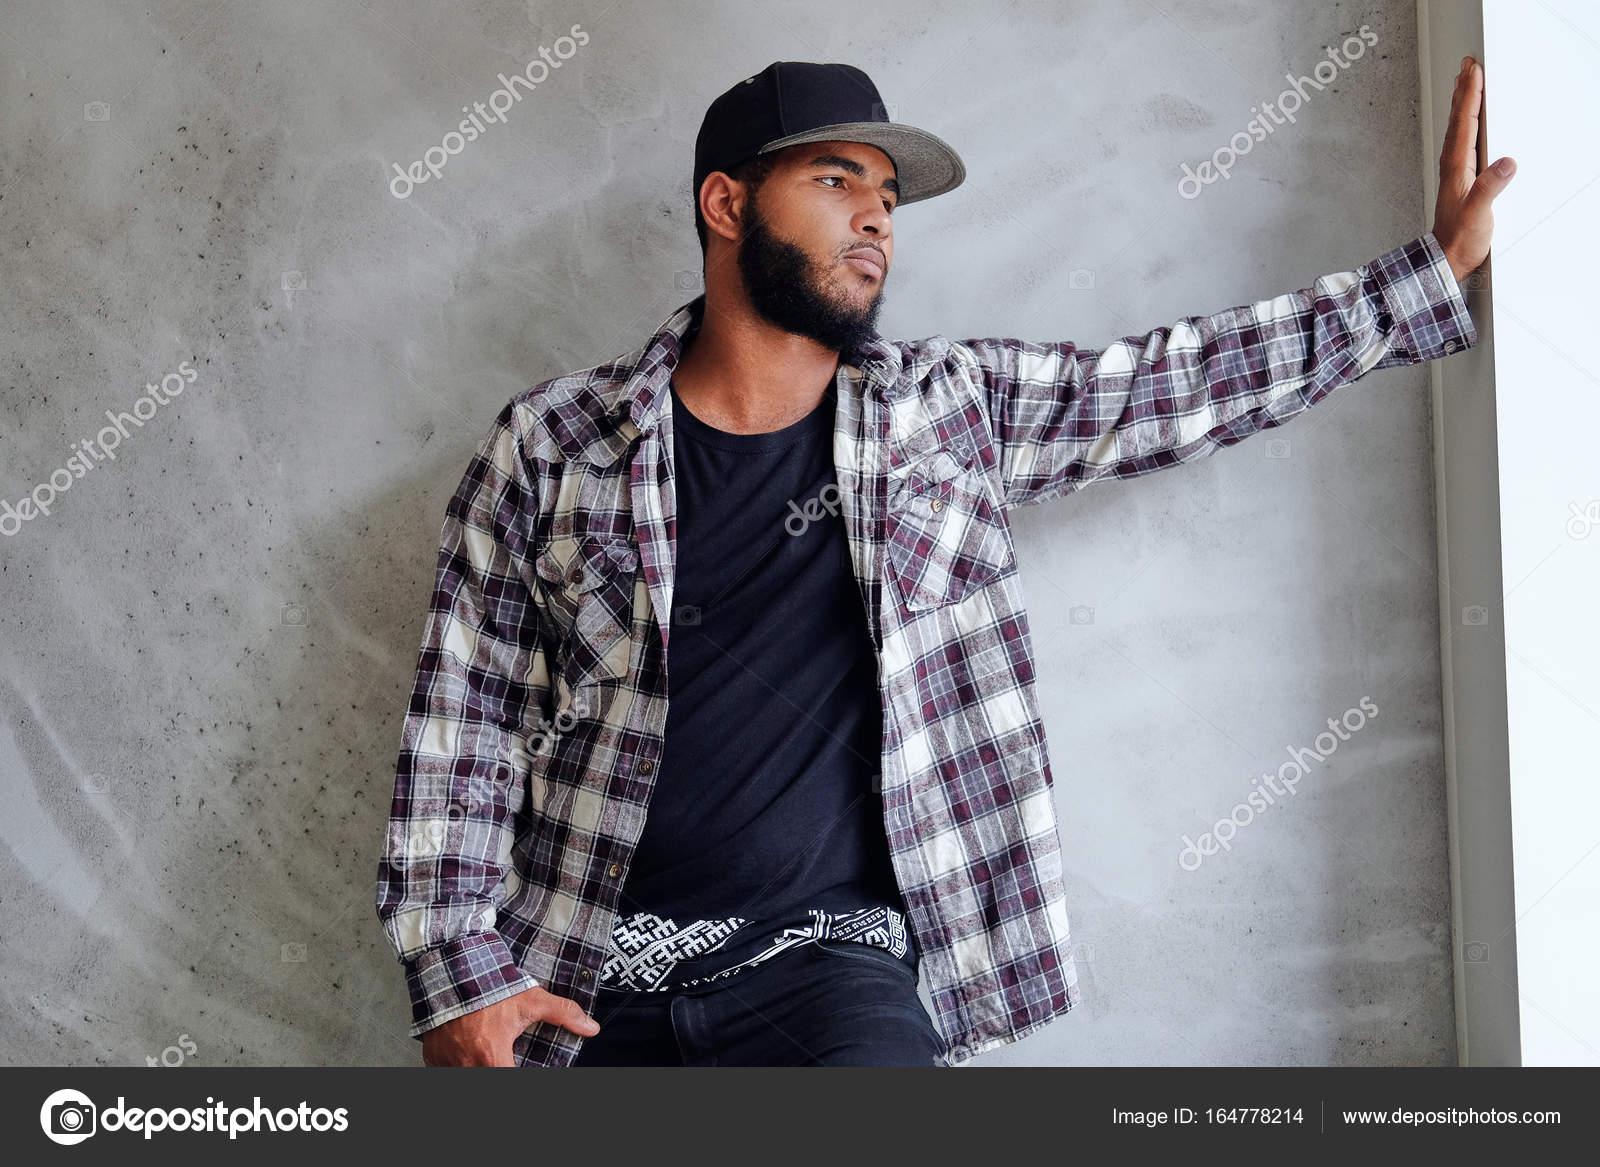 Hipster noir, barbu mâle vêtu d\u0027une chemise de laine et un bonnet, posant  près de fenêtre avec lumière naturelle \u2014 Image de fxquadro